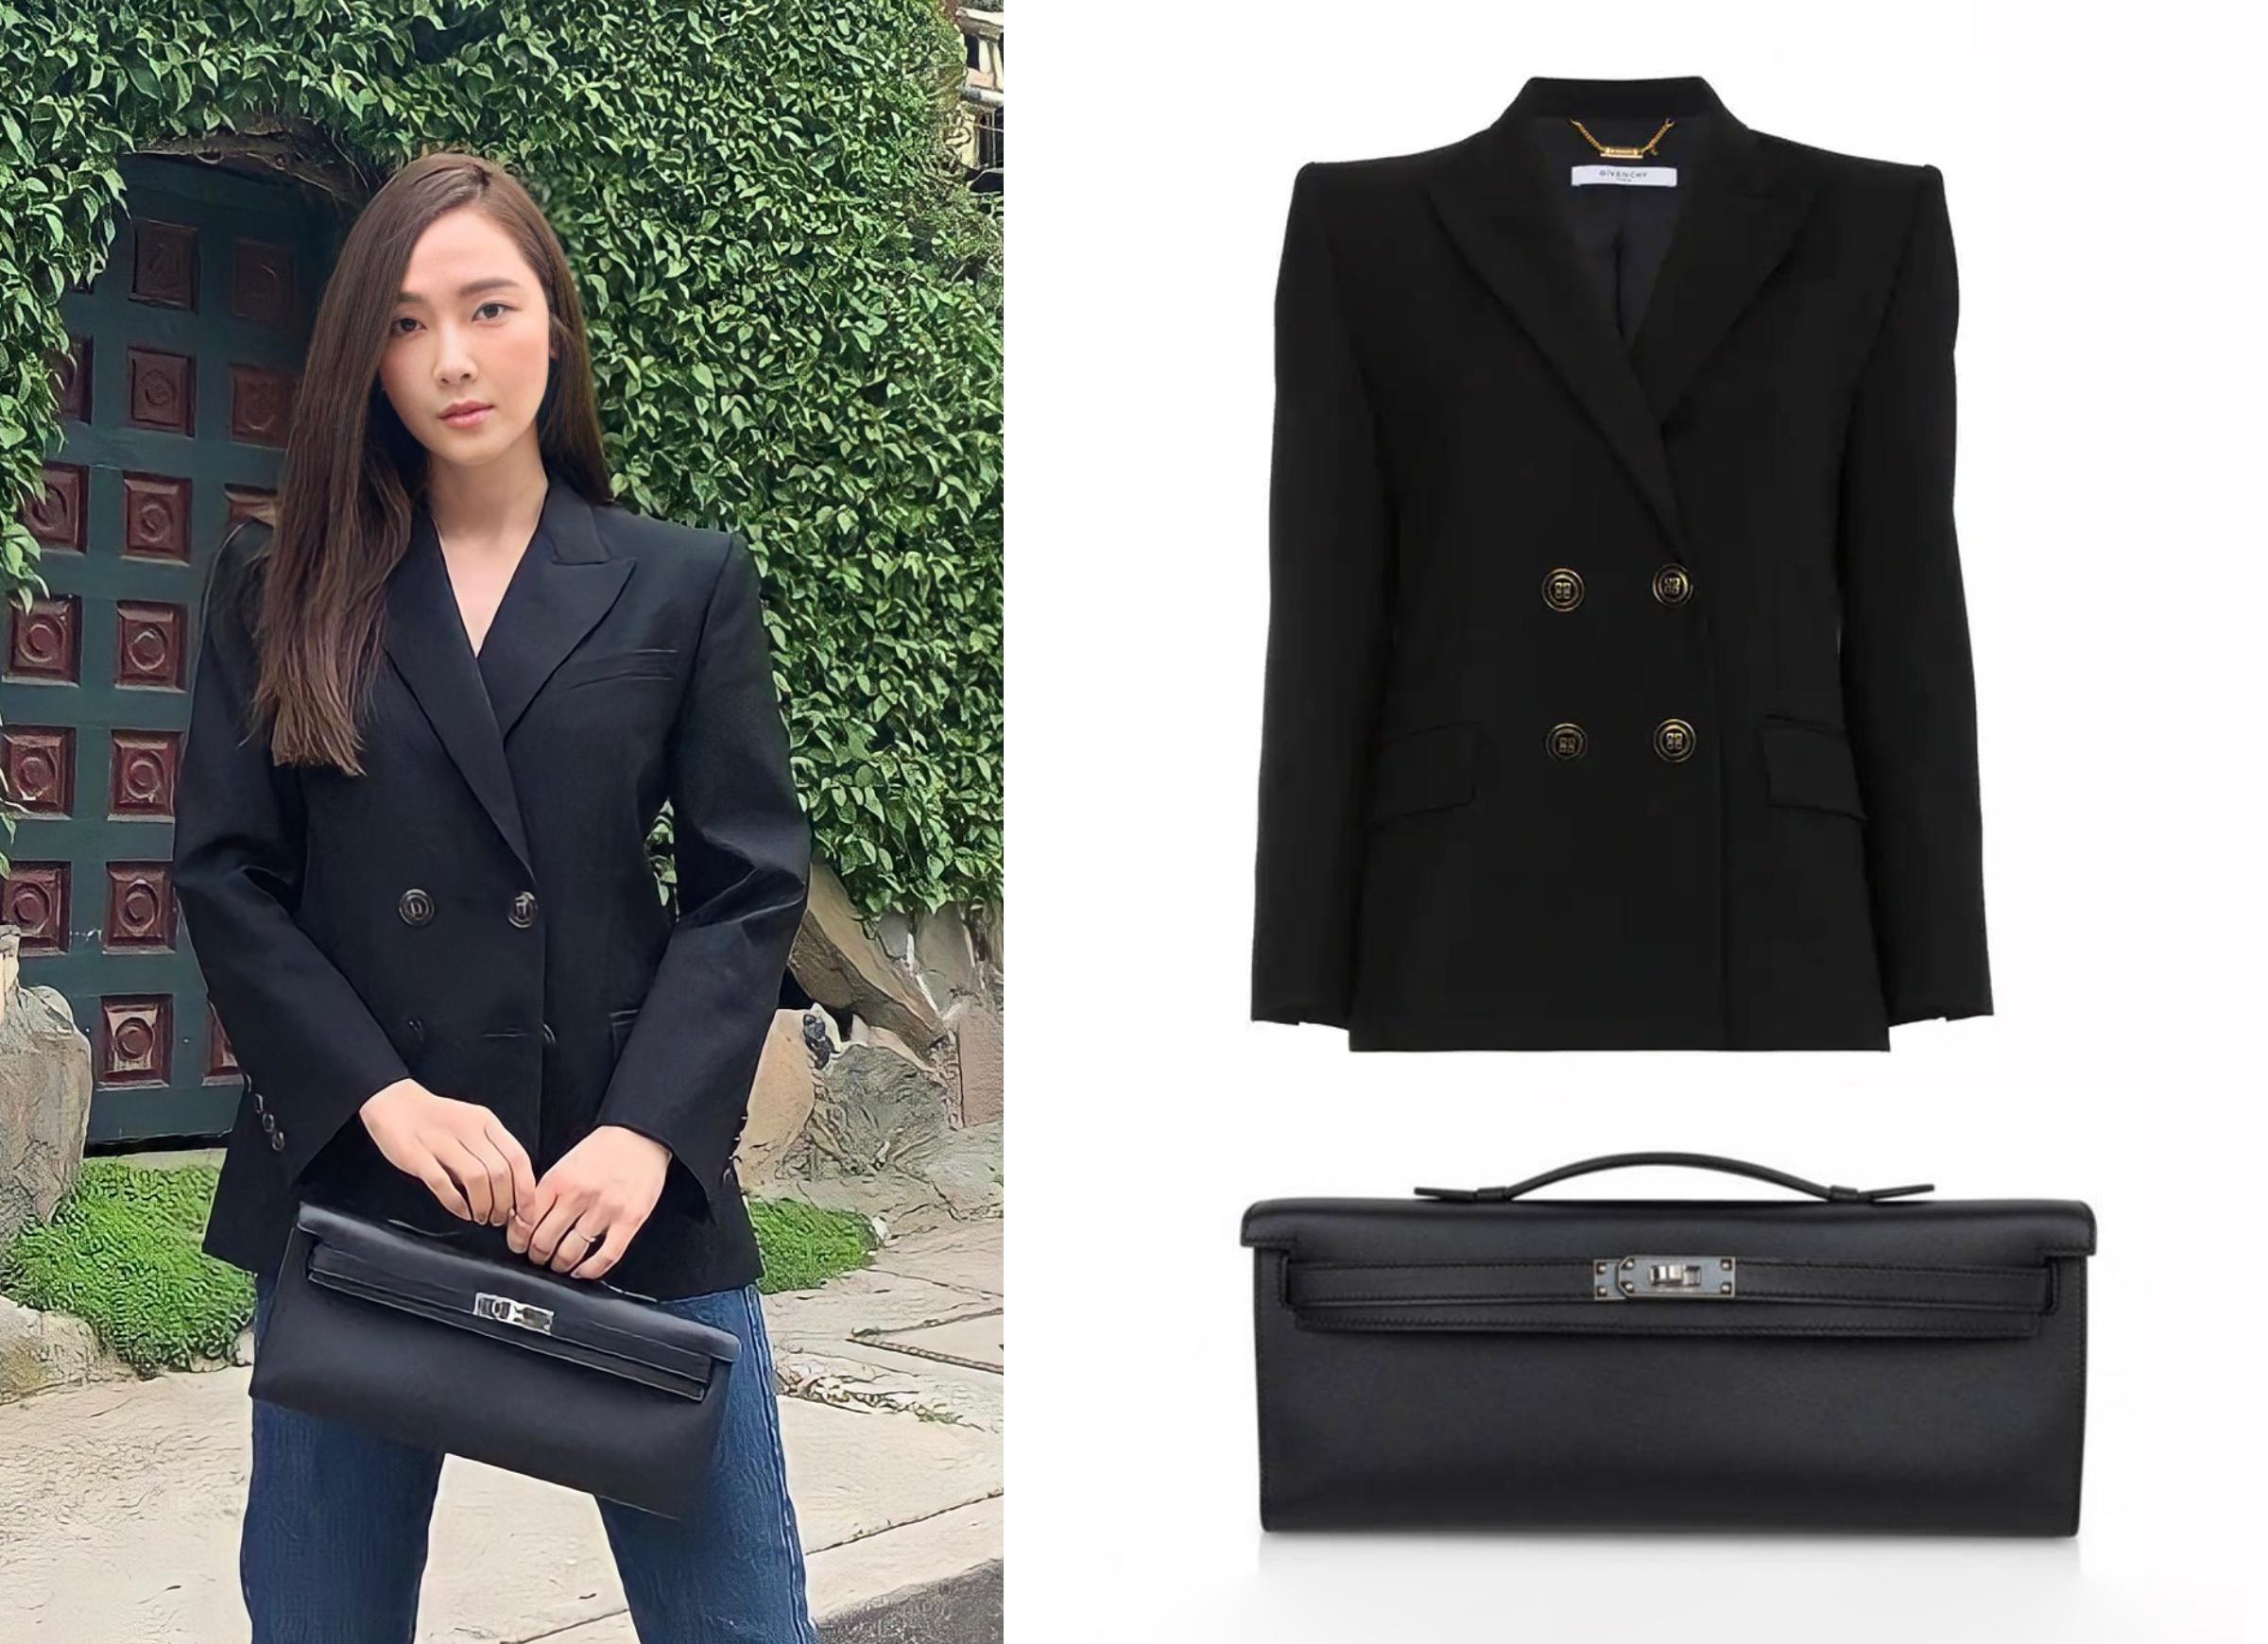 Trong chuyến dạo chơi ở Seoul, Hàn Quốc, Jessi ca phối quần jeans tối giản với jacket hiệu Givenchy, giá 2.935 USD. Cô mang clutch dáng chữ nhật dòng Kelly, hơn 10.995 USD.Hơn 10 năm qua, truyền thông Hàn đánh giá Jessica là một trong những tay chơi hàng hiệu của làng giải, thường diện loạt trang phục, phụ kiện xa xỉ trên sân khấu lẫn đời thường. Cô là tín đồ của túi Hermes, sưu tầm gần 40 chiếc, đa kiểu dáng, size và màu sắc.